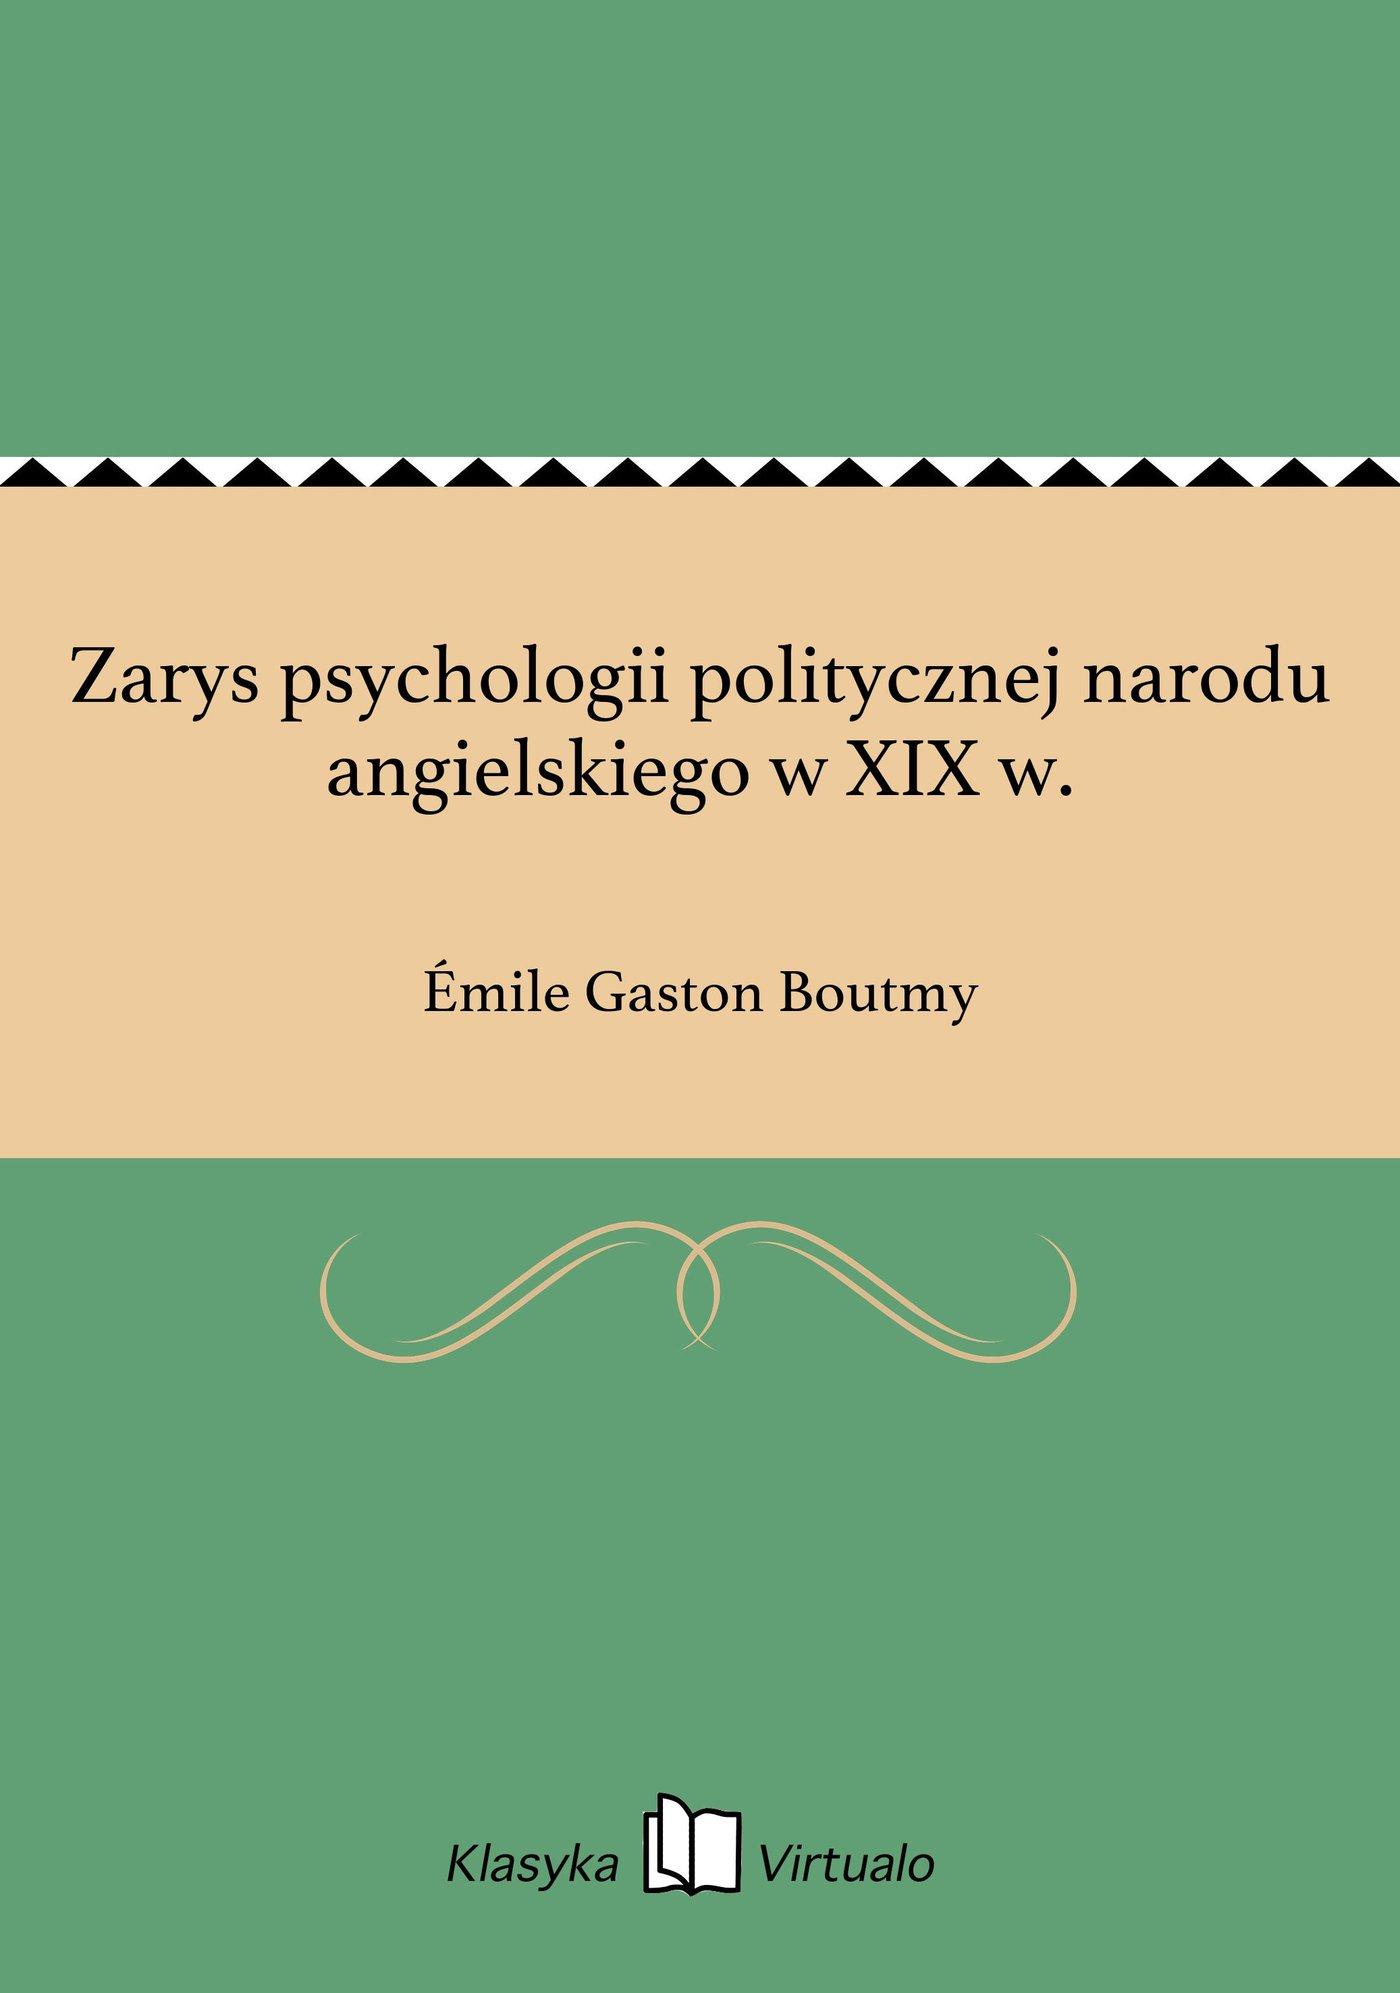 Zarys psychologii politycznej narodu angielskiego w XIX w. - Ebook (Książka EPUB) do pobrania w formacie EPUB